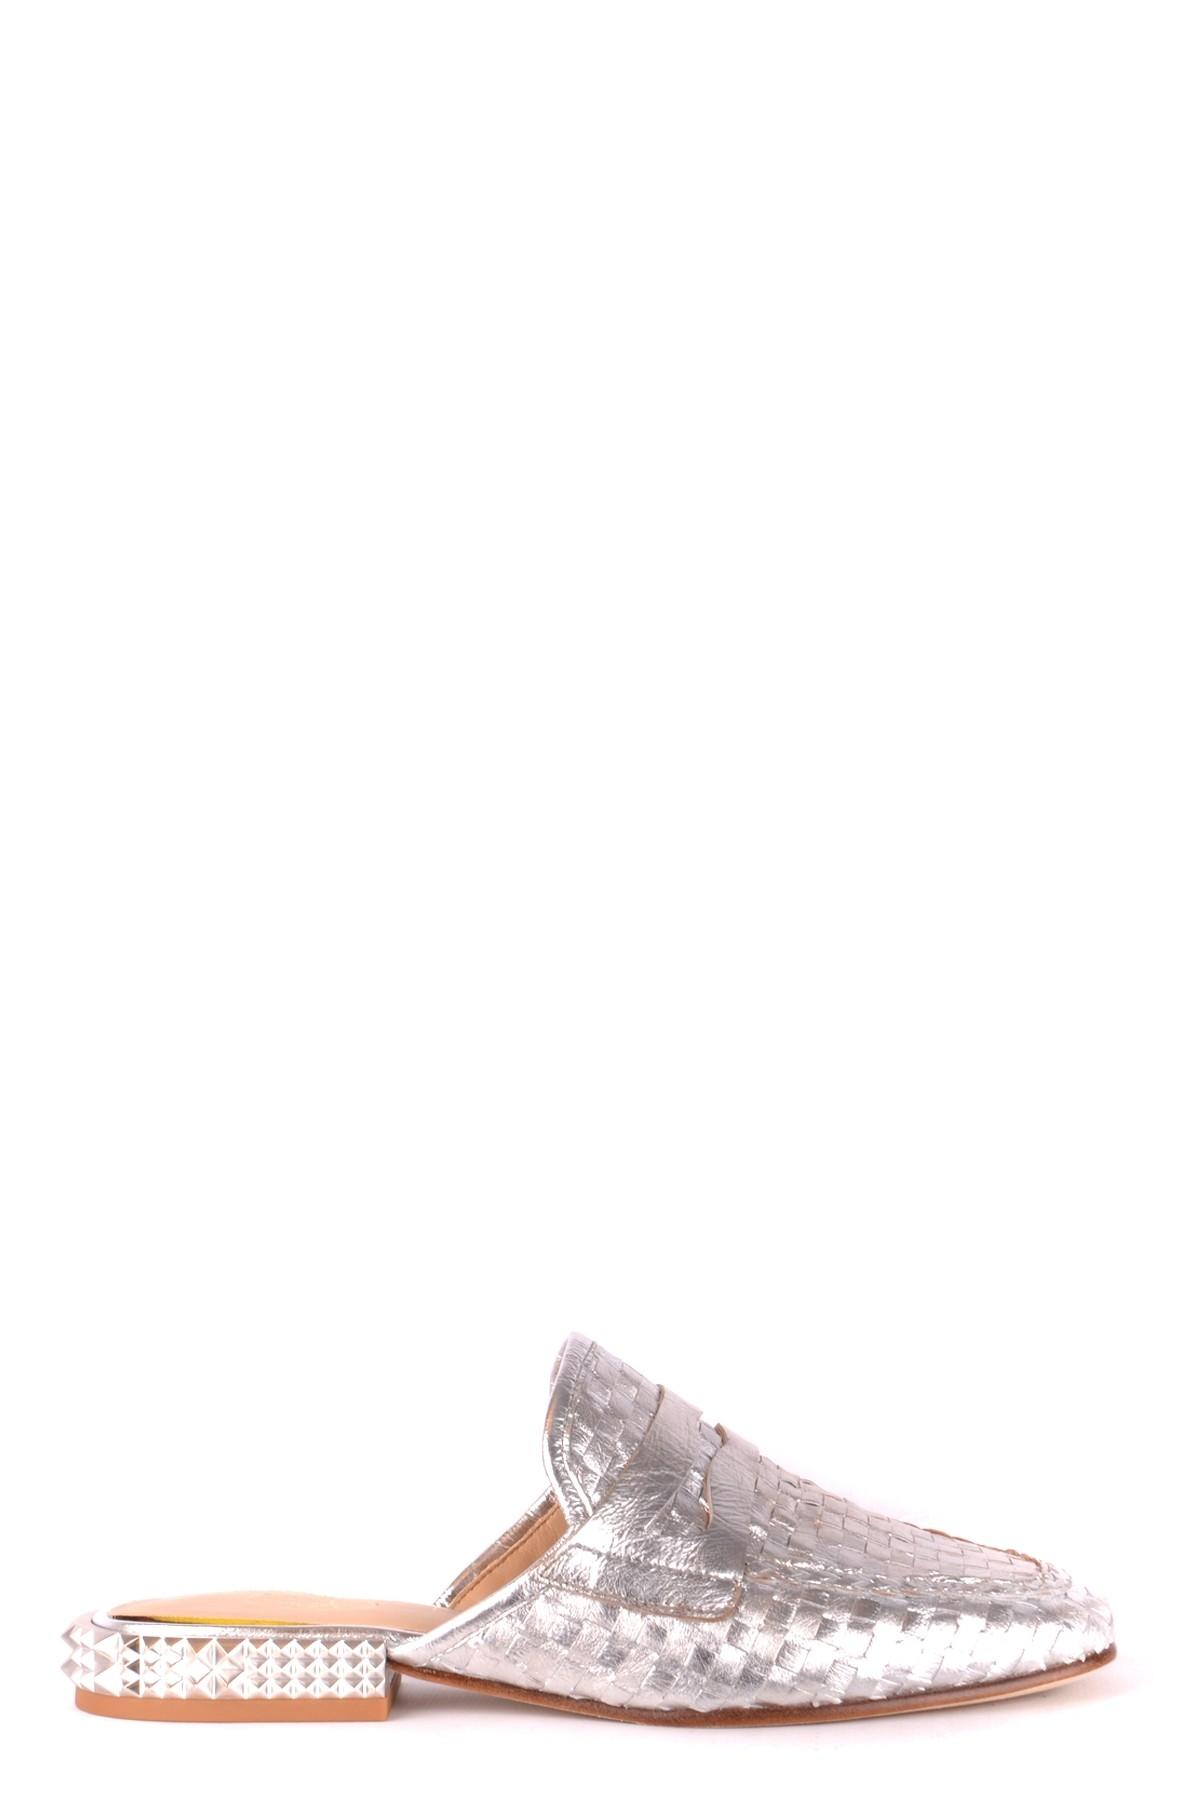 Marchio Ash  Genere Donna Tipologia Ciabatte Stagione Primavera/Estate  DET…